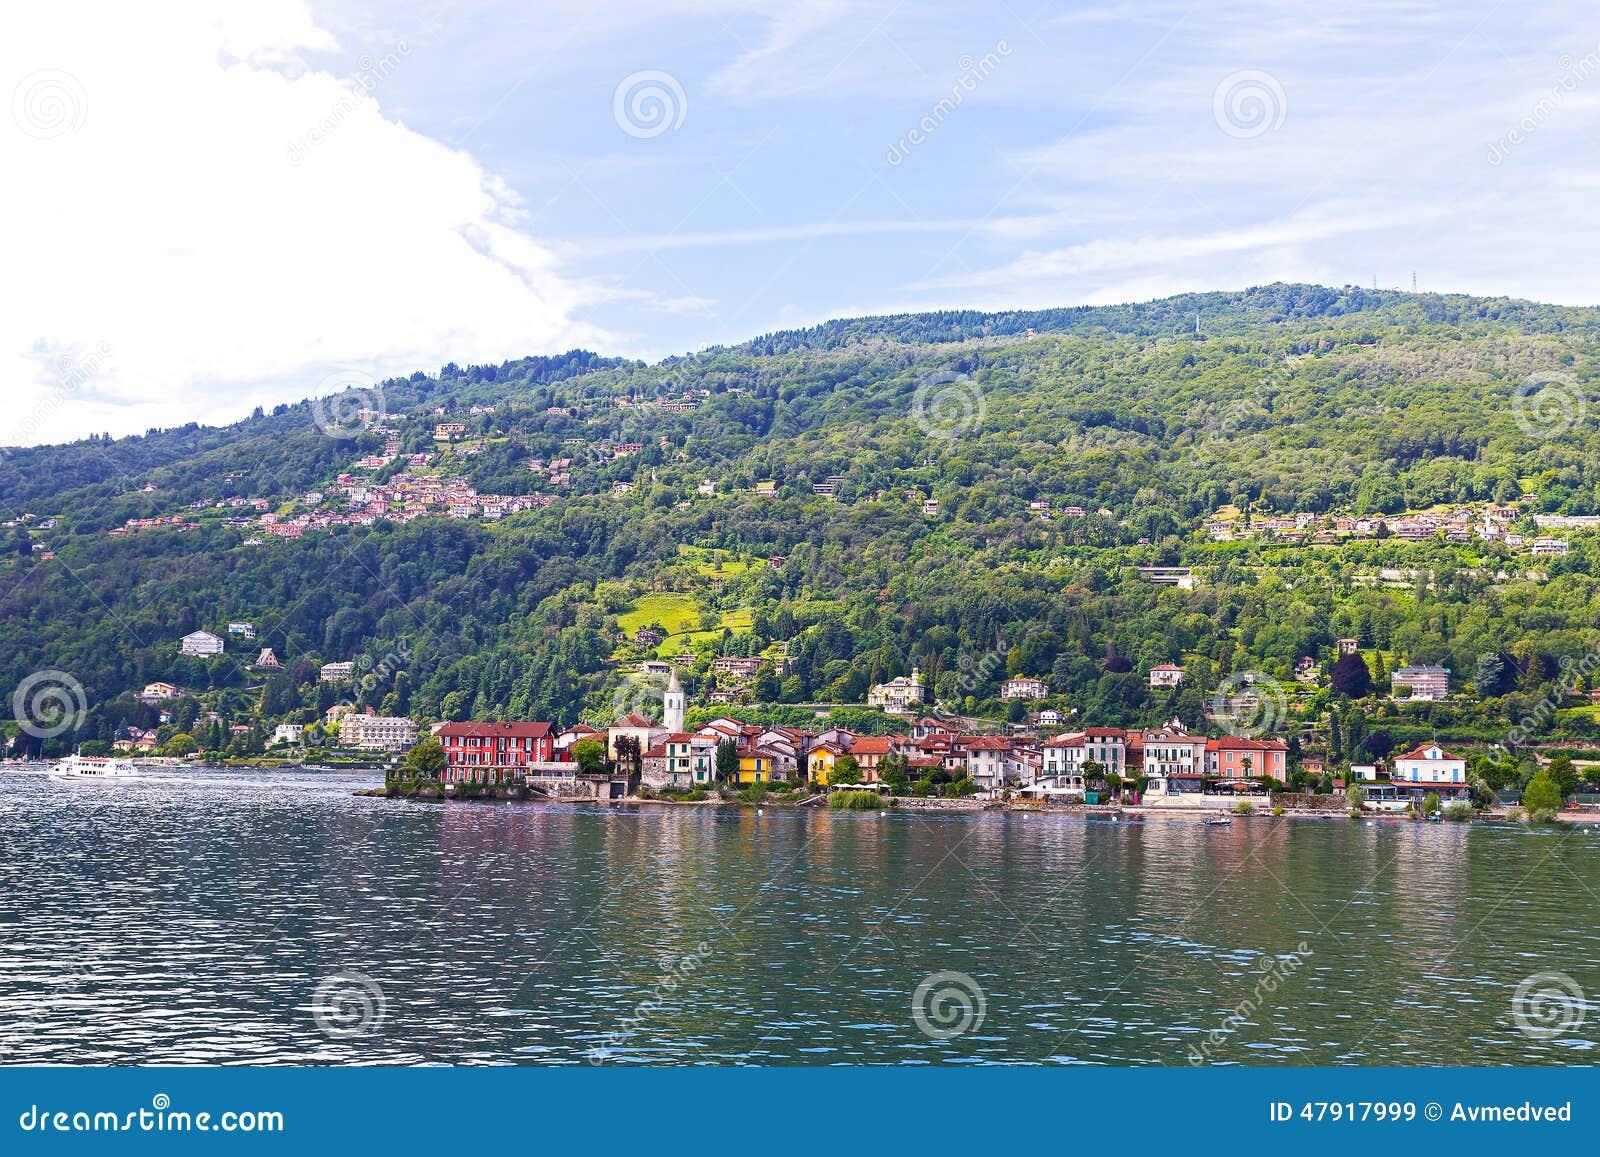 Un bord de mer de ville et un paysage suburbain sur le lac - Ville bord de mer mediterranee ...